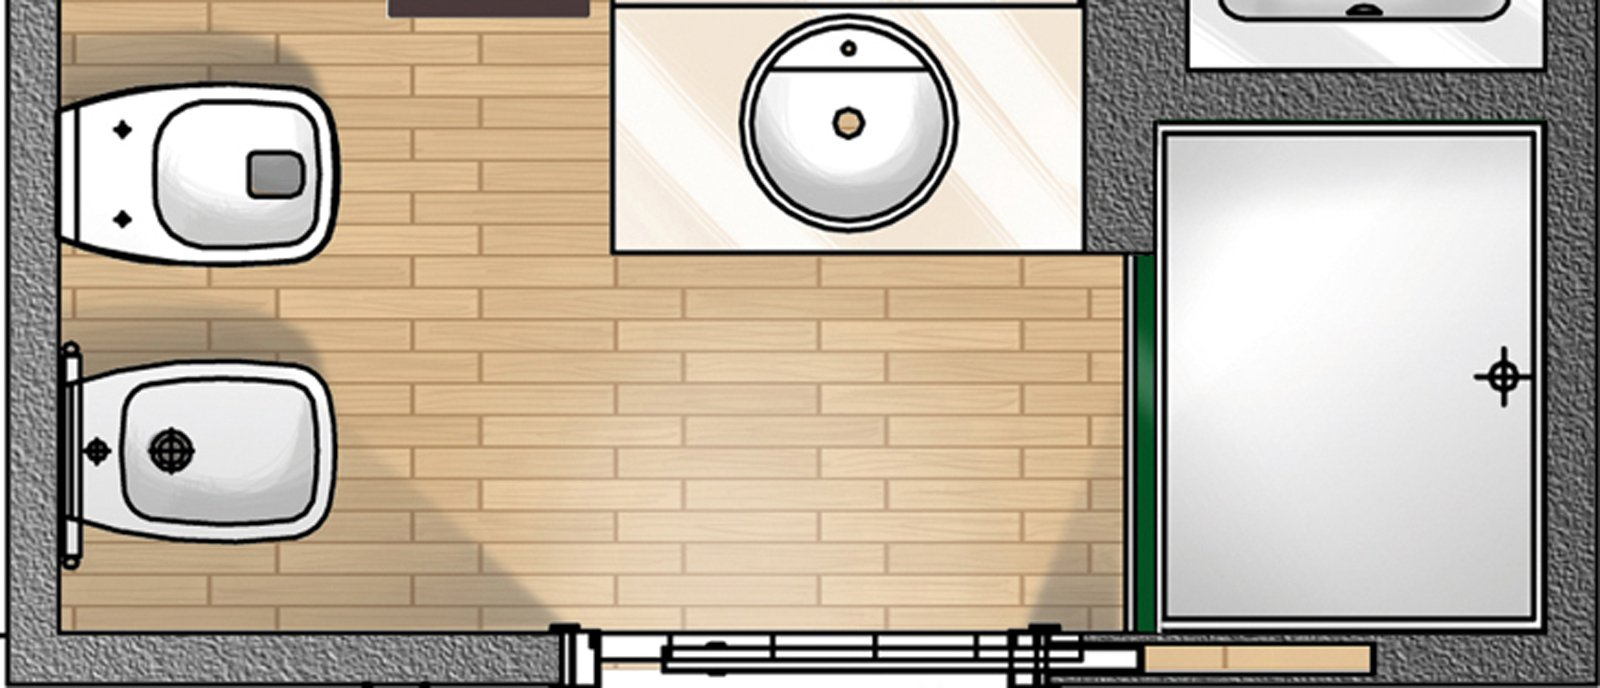 il progetto relativo a un bagno privo di finestra consentito perch nellabitazione